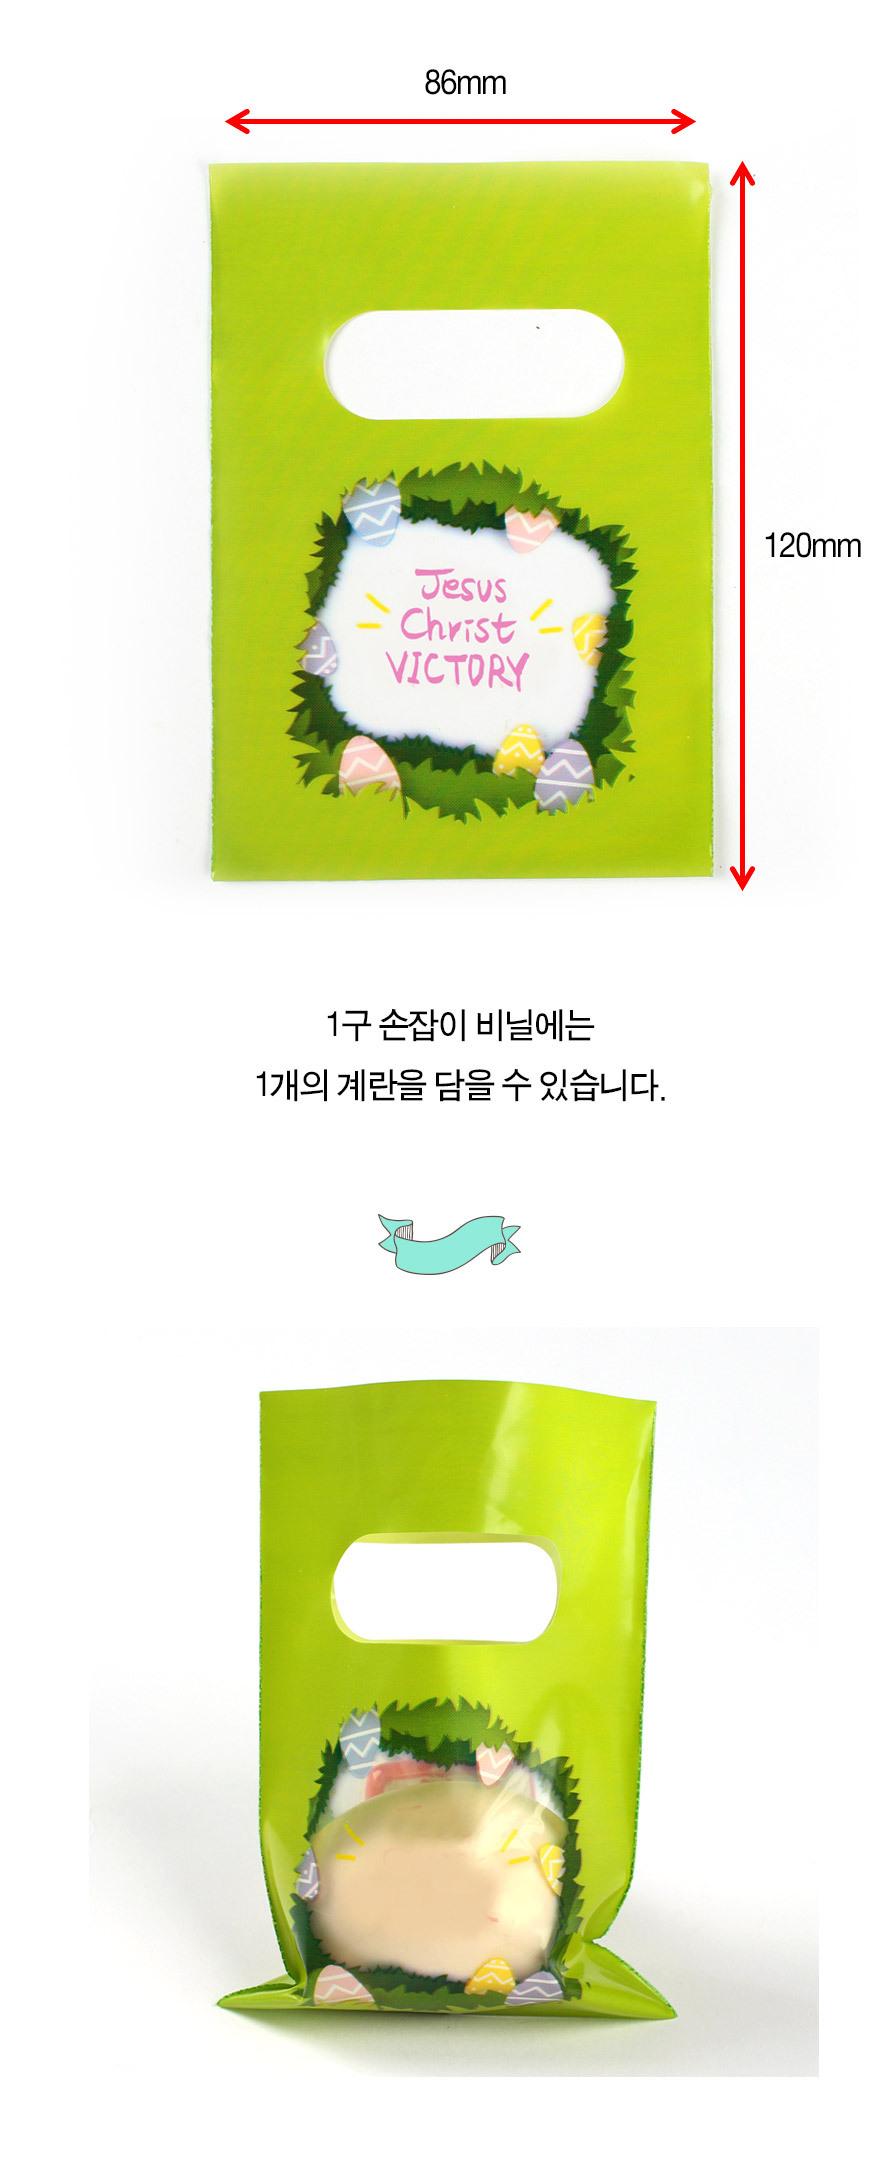 부활절 교회선물 포장재 1구 손잡이비닐 - 3.빅토리 상세보기